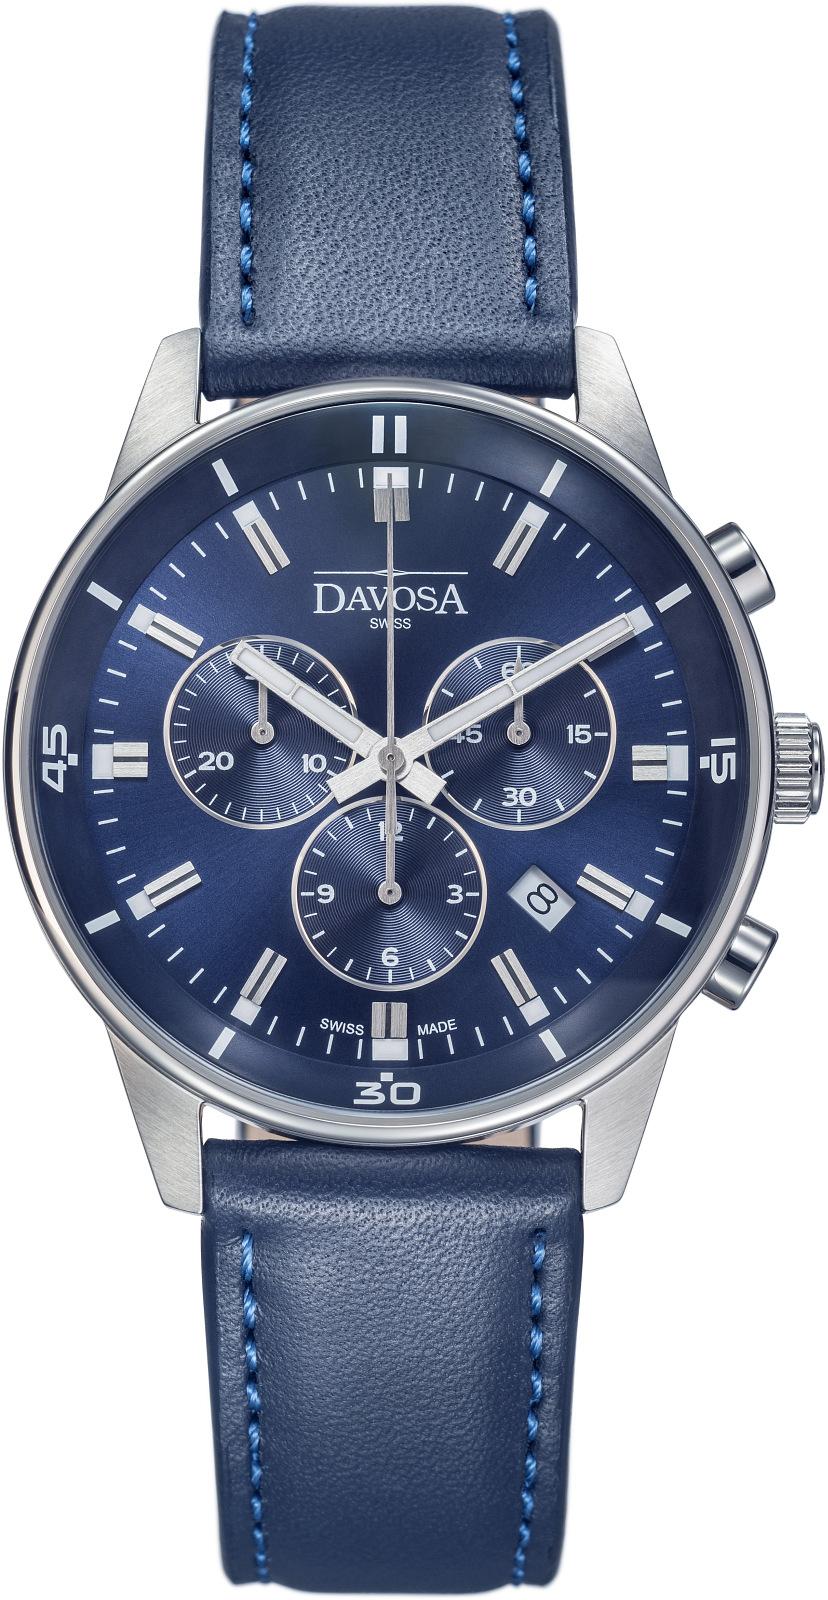 zegarek-meski-davosa-vireo-chronograph-162-493-45-3